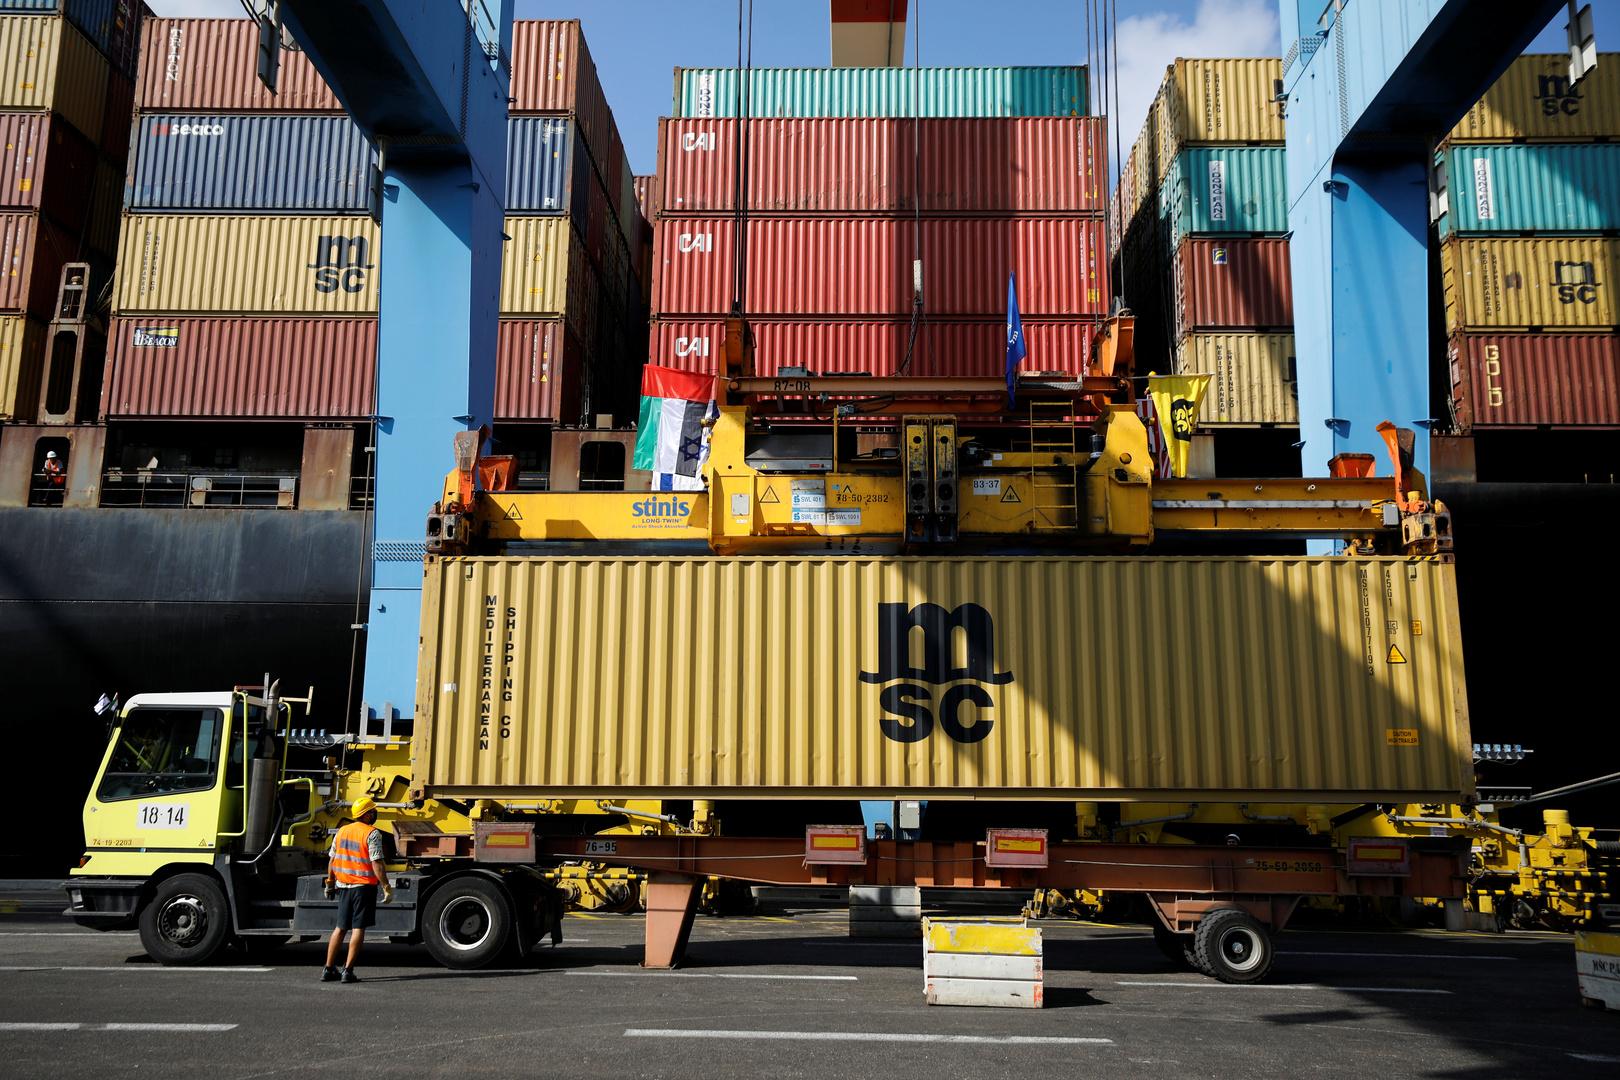 شركة تركية بصدد الاستحواذ على حصة بأكبر ميناء في إسرائيل